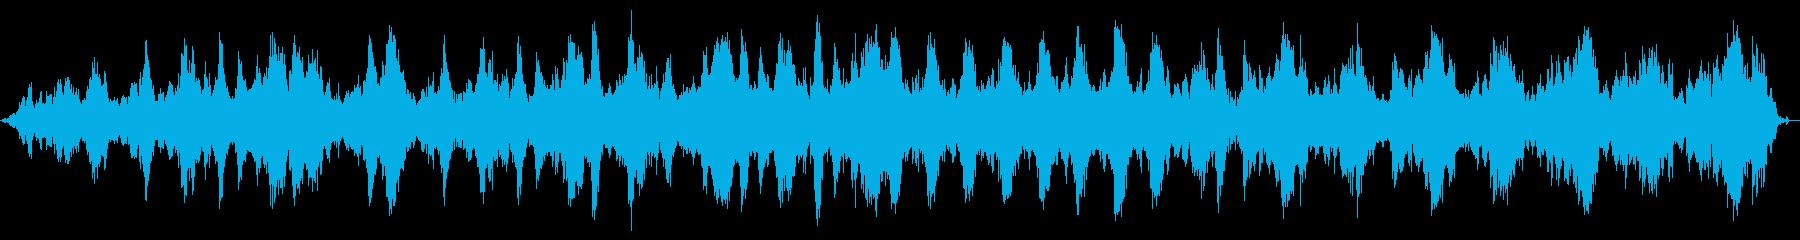 壮大でスローな柔らかいヒーリングな曲の再生済みの波形